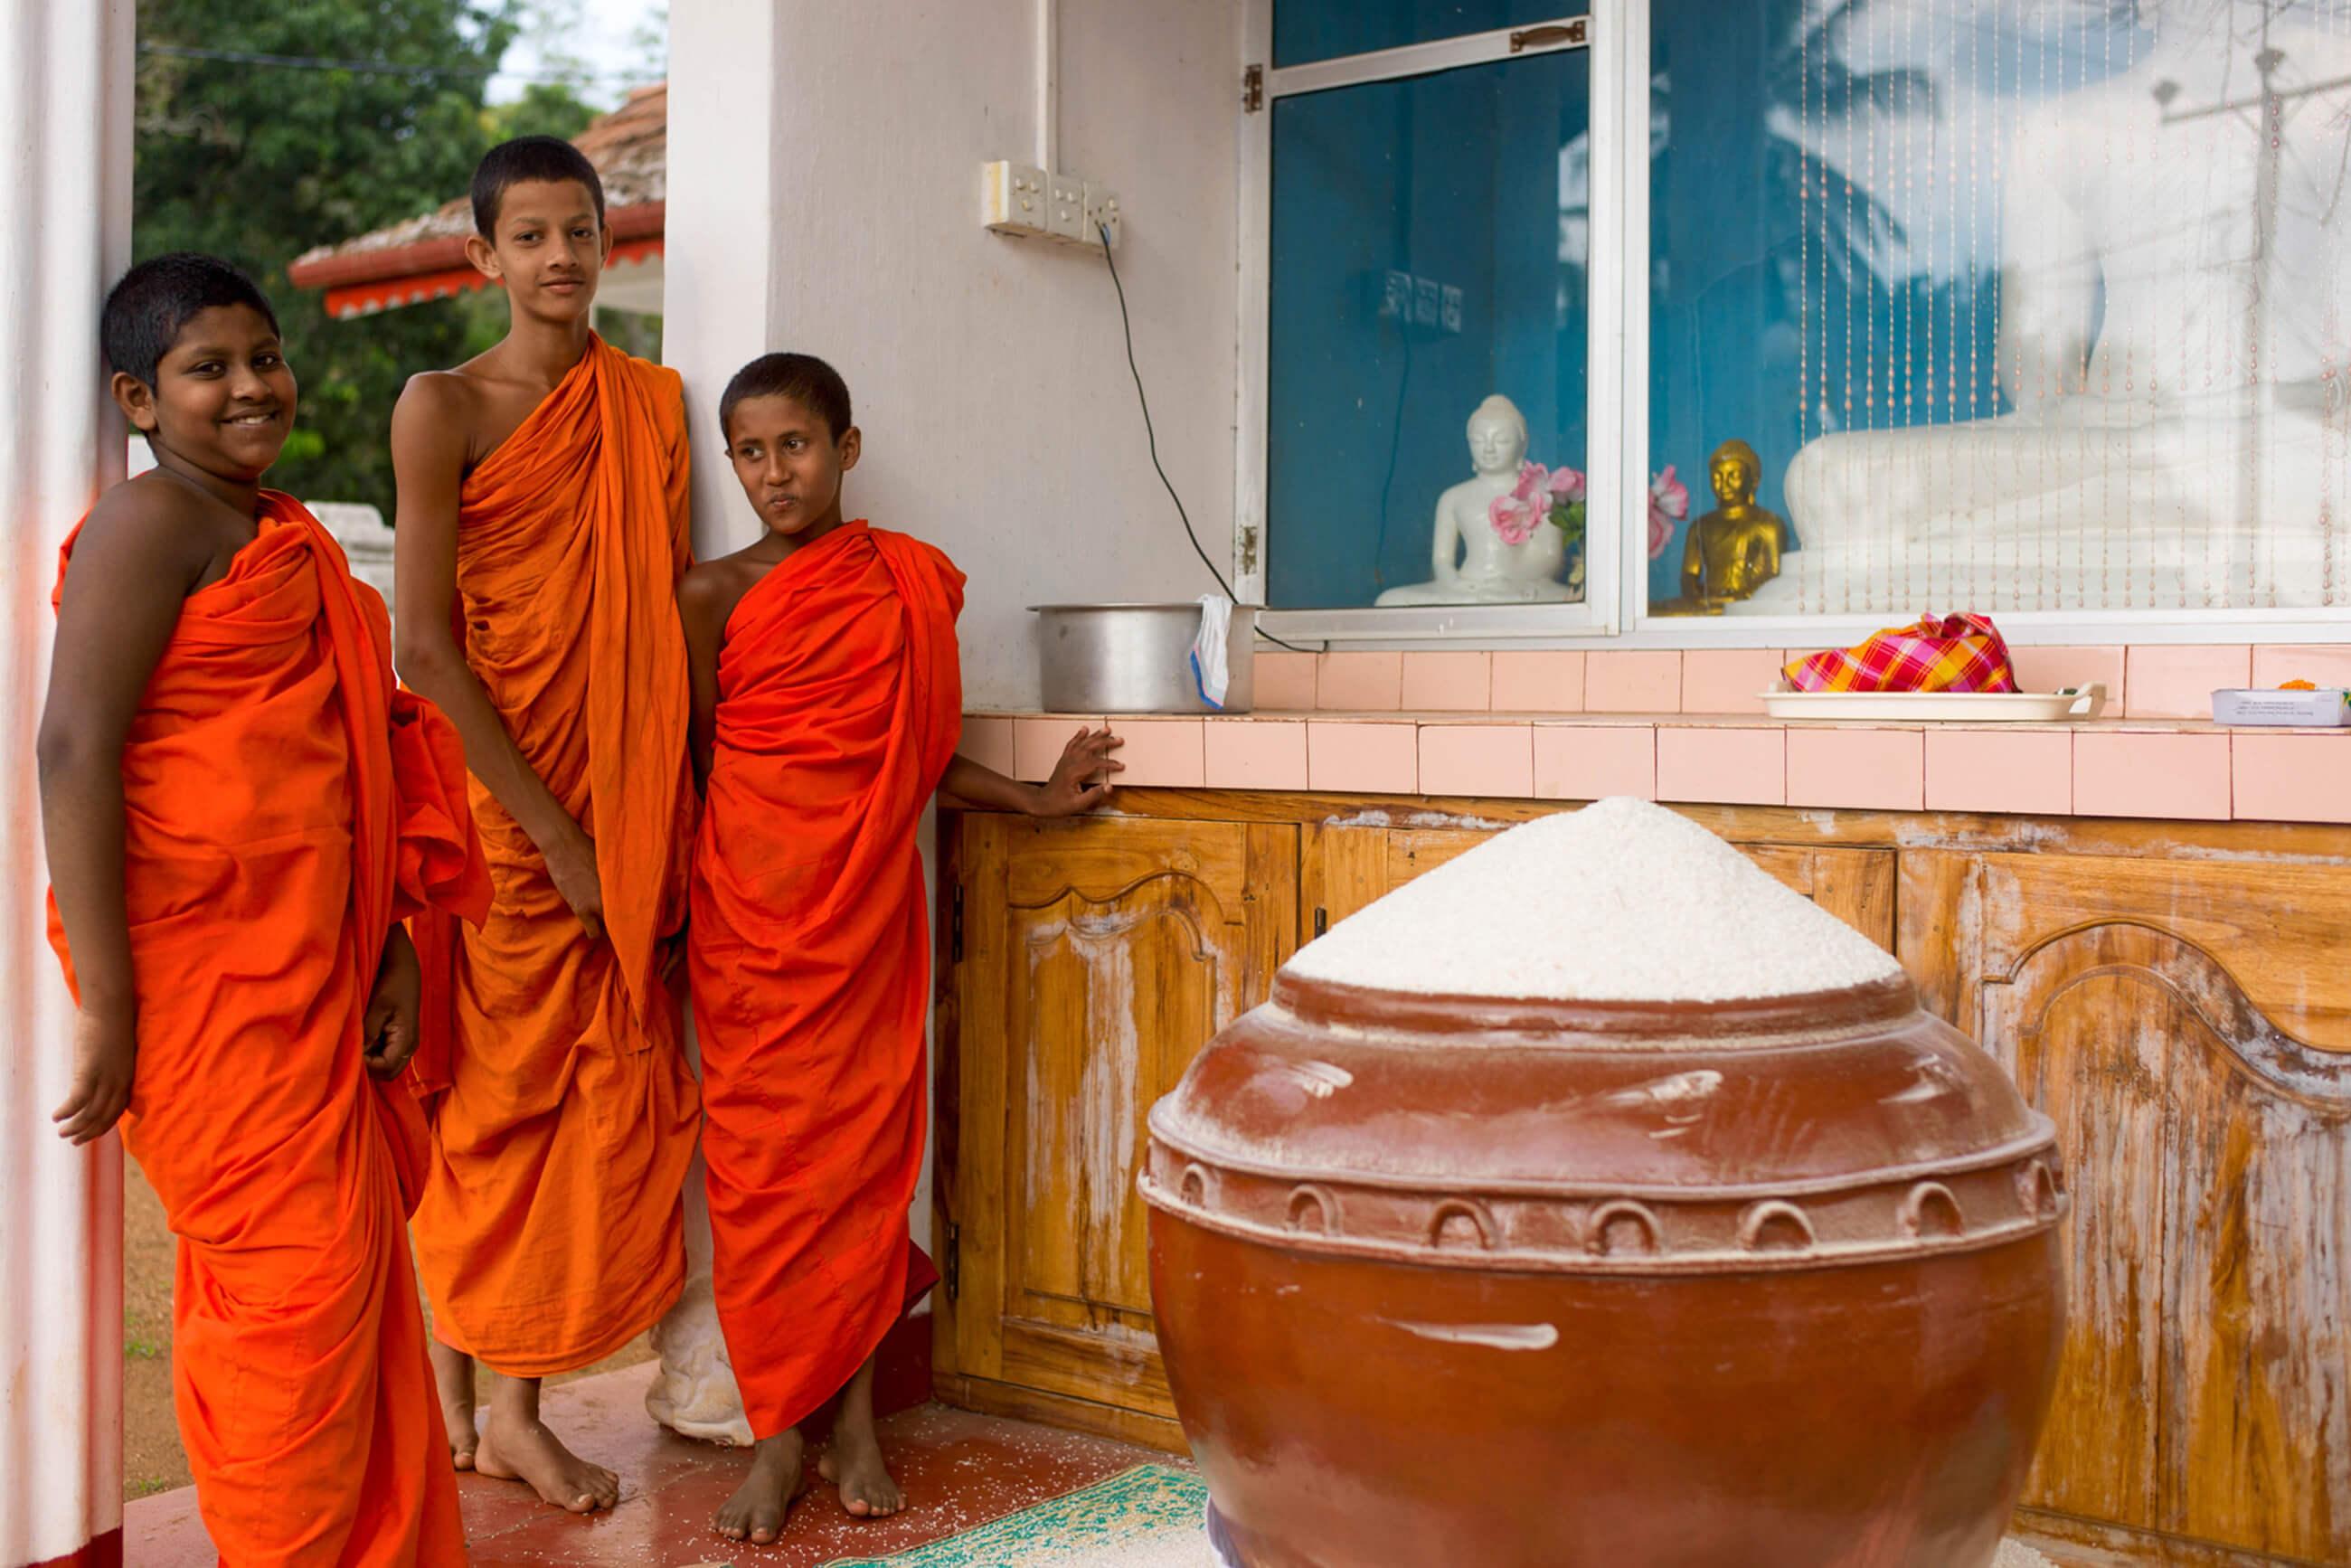 https://bubo.sk/uploads/galleries/7521/srilanka_6885_16-mali-budhisticki-mnisy-v-centralnej-sri-lanke.jpg